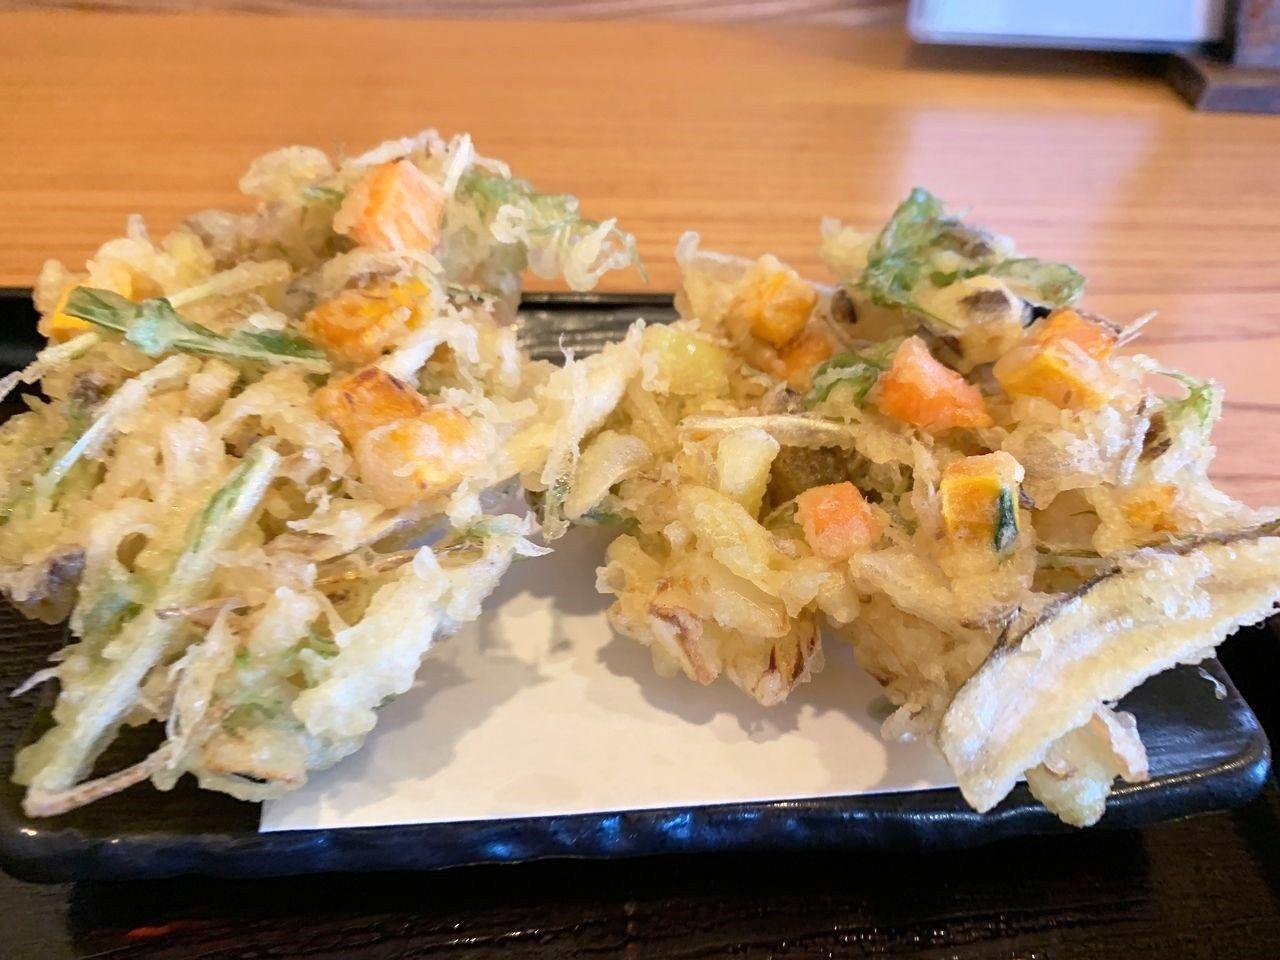 【三郷市食べ歩きブログ】つくばエクスプレス三郷中央駅徒歩5分にある「八斗蒔やぶ(旧やぶそば)」さんへ